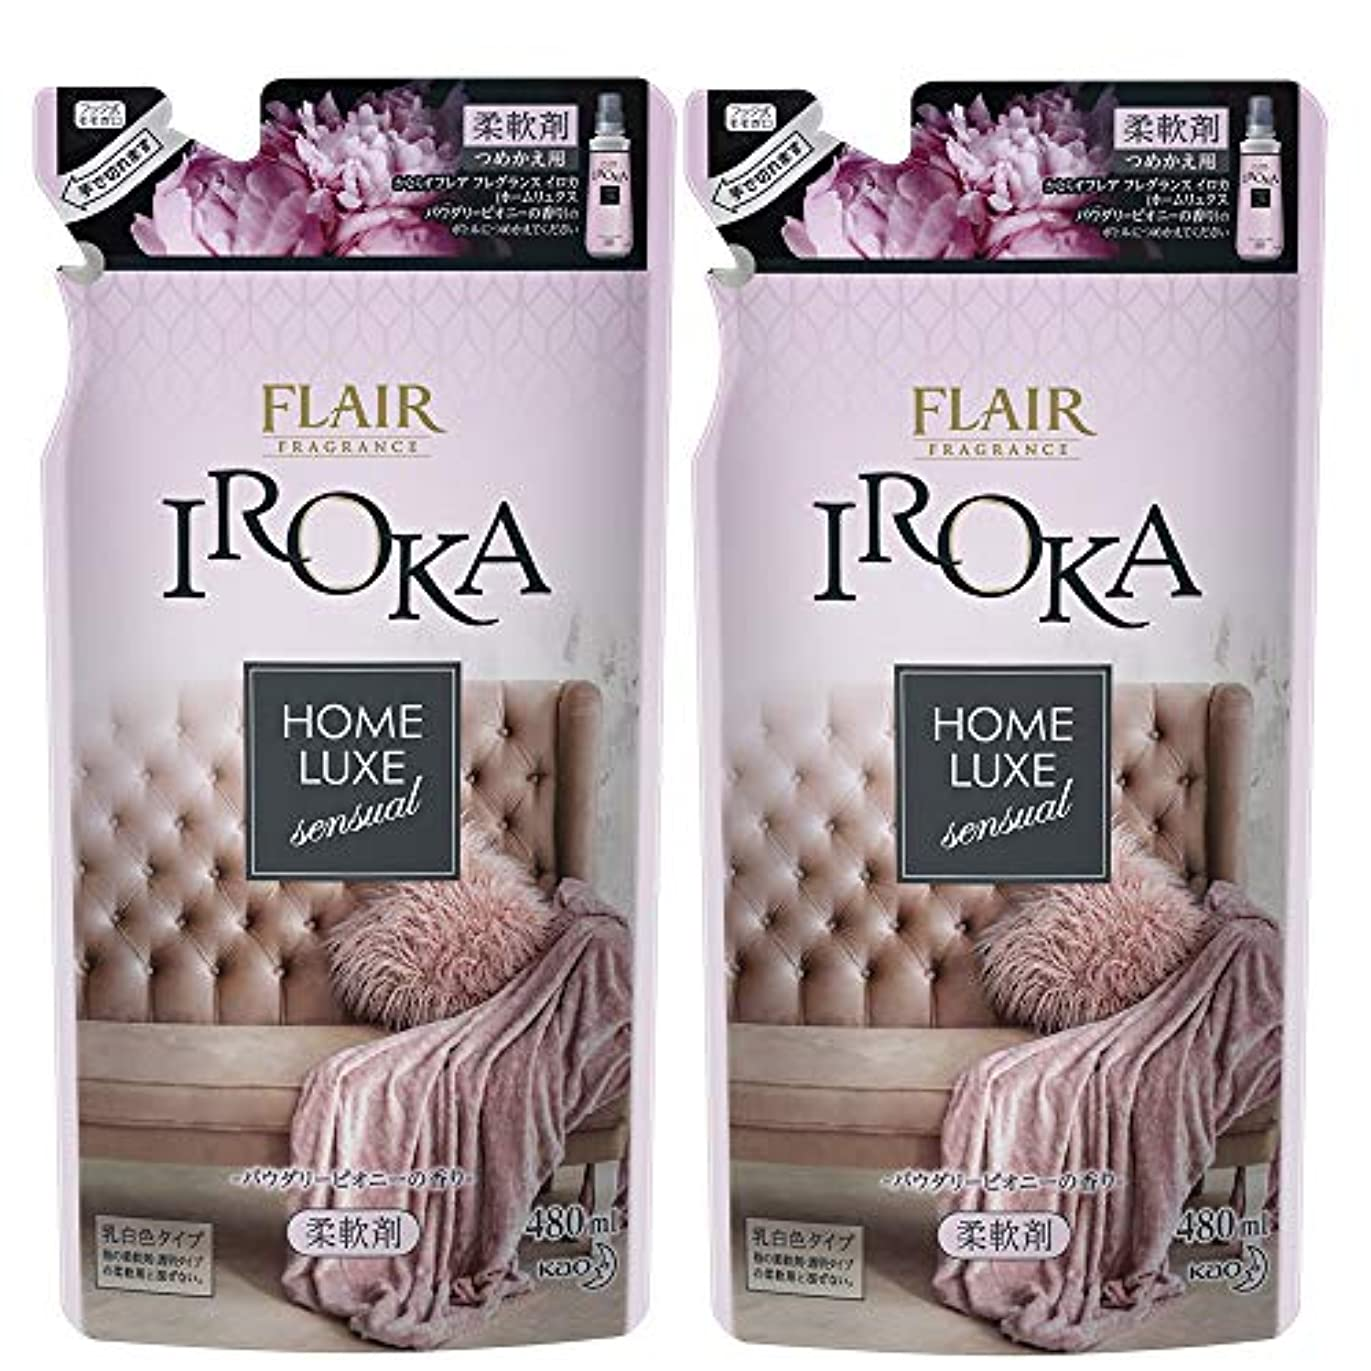 取るに足らない懐フック【Amazon.co.jp 限定】【まとめ買い】フレアフレグランス 柔軟剤 IROKA(イロカ) HomeLuxe(ホームリュクス) パウダリーピオニーの香り 詰め替え 480ml×2個